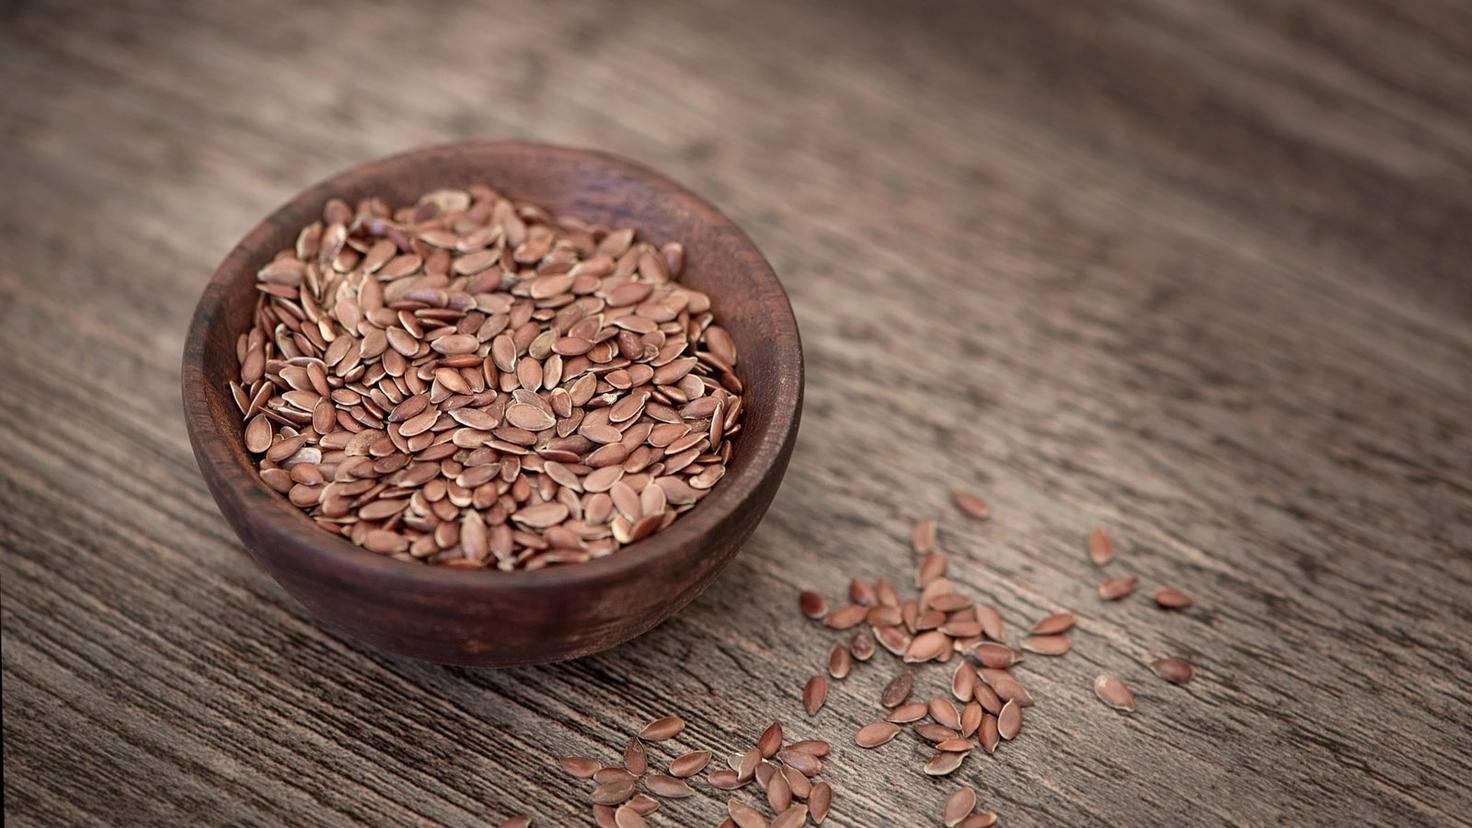 Leinsamen bieten sich als heimische Alternative zu Chia-Samen an.